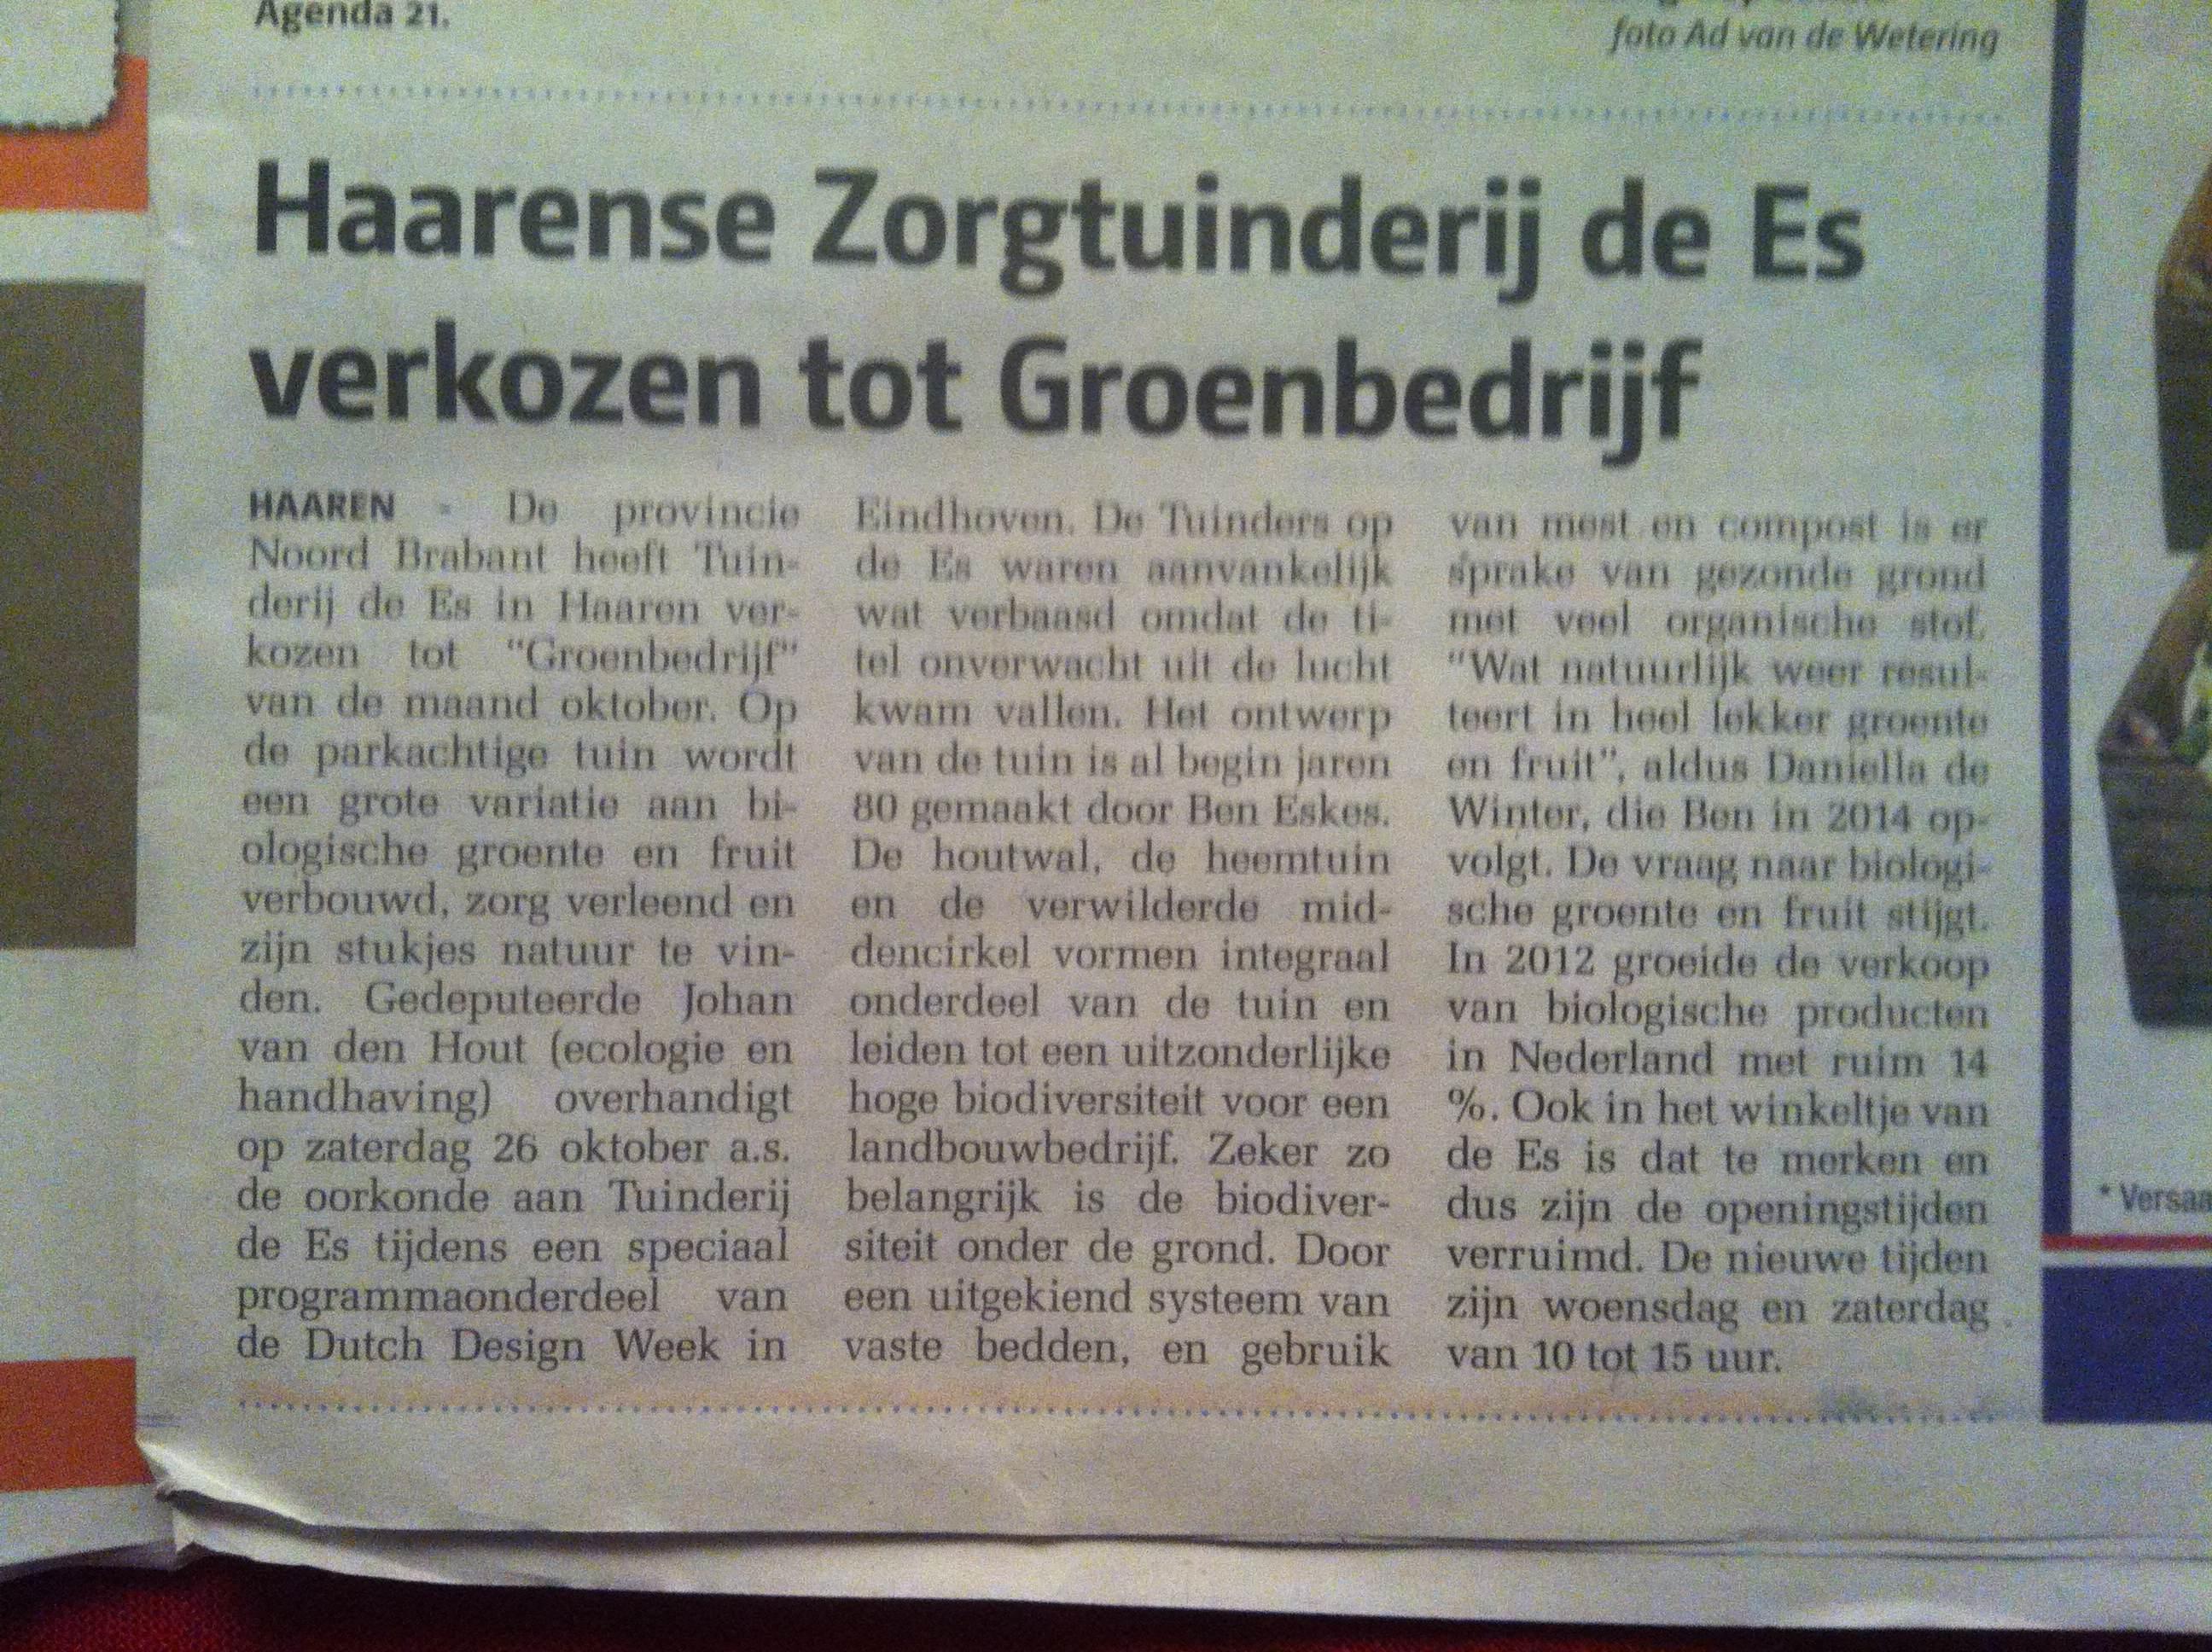 krantbericht groenbedrijf